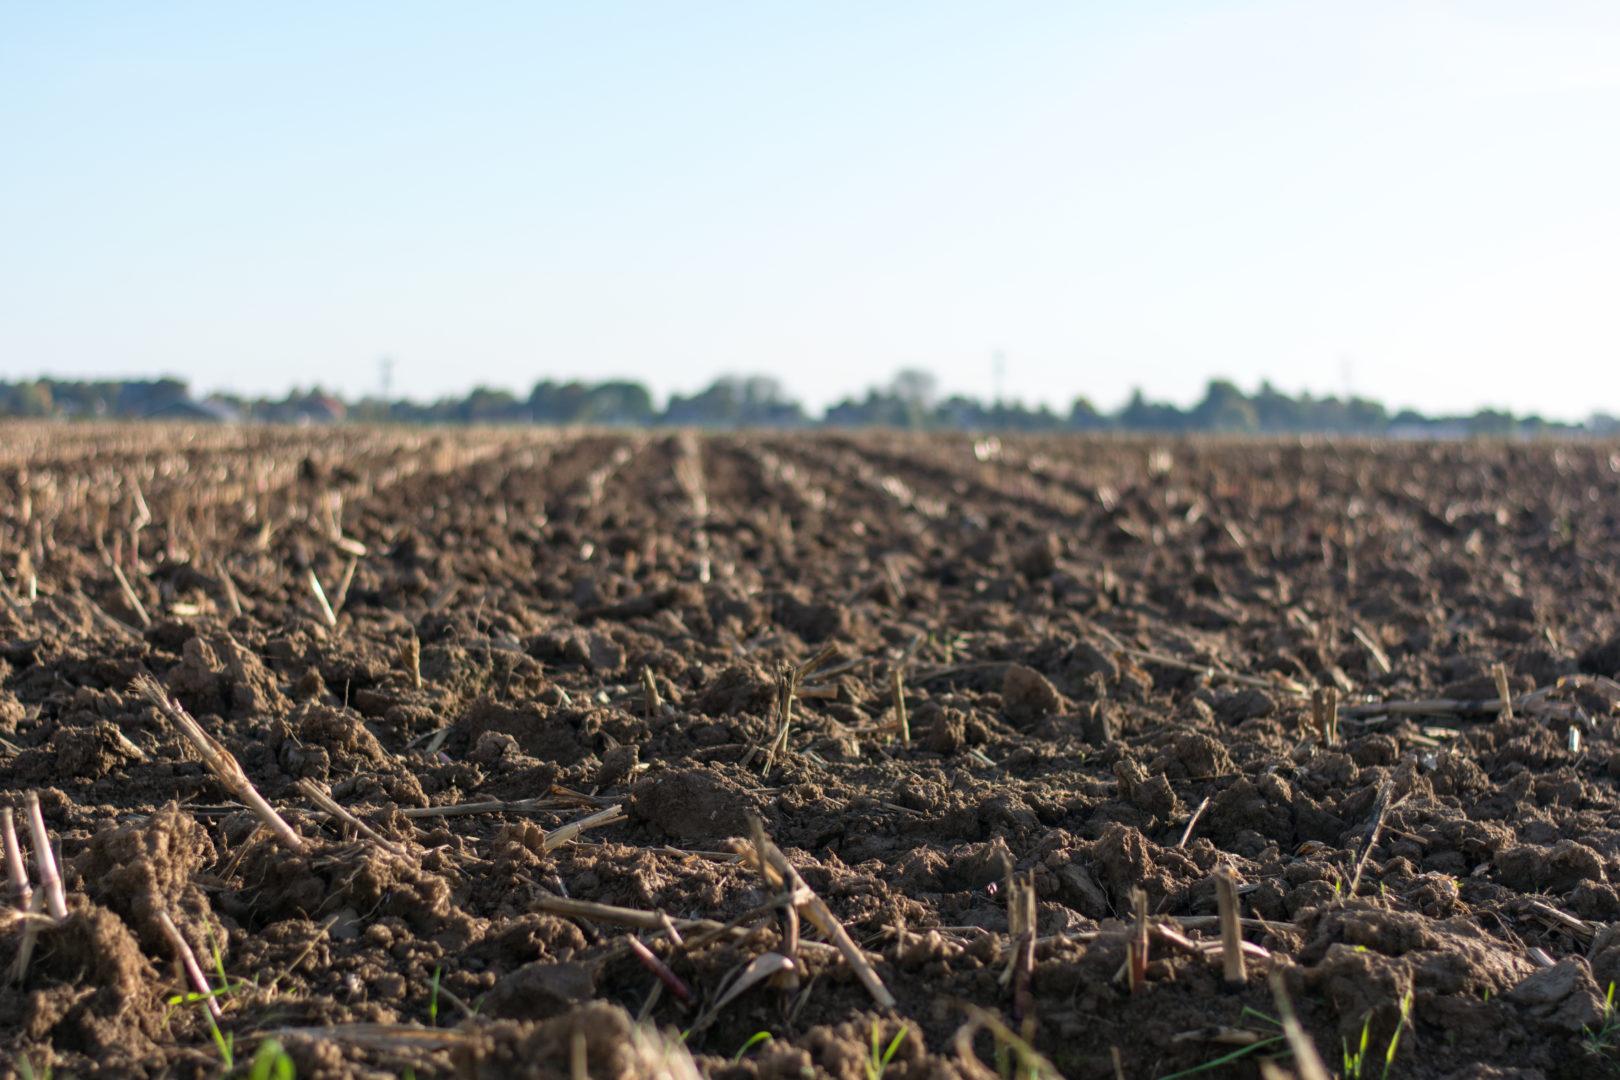 Landscape photo of tilled field